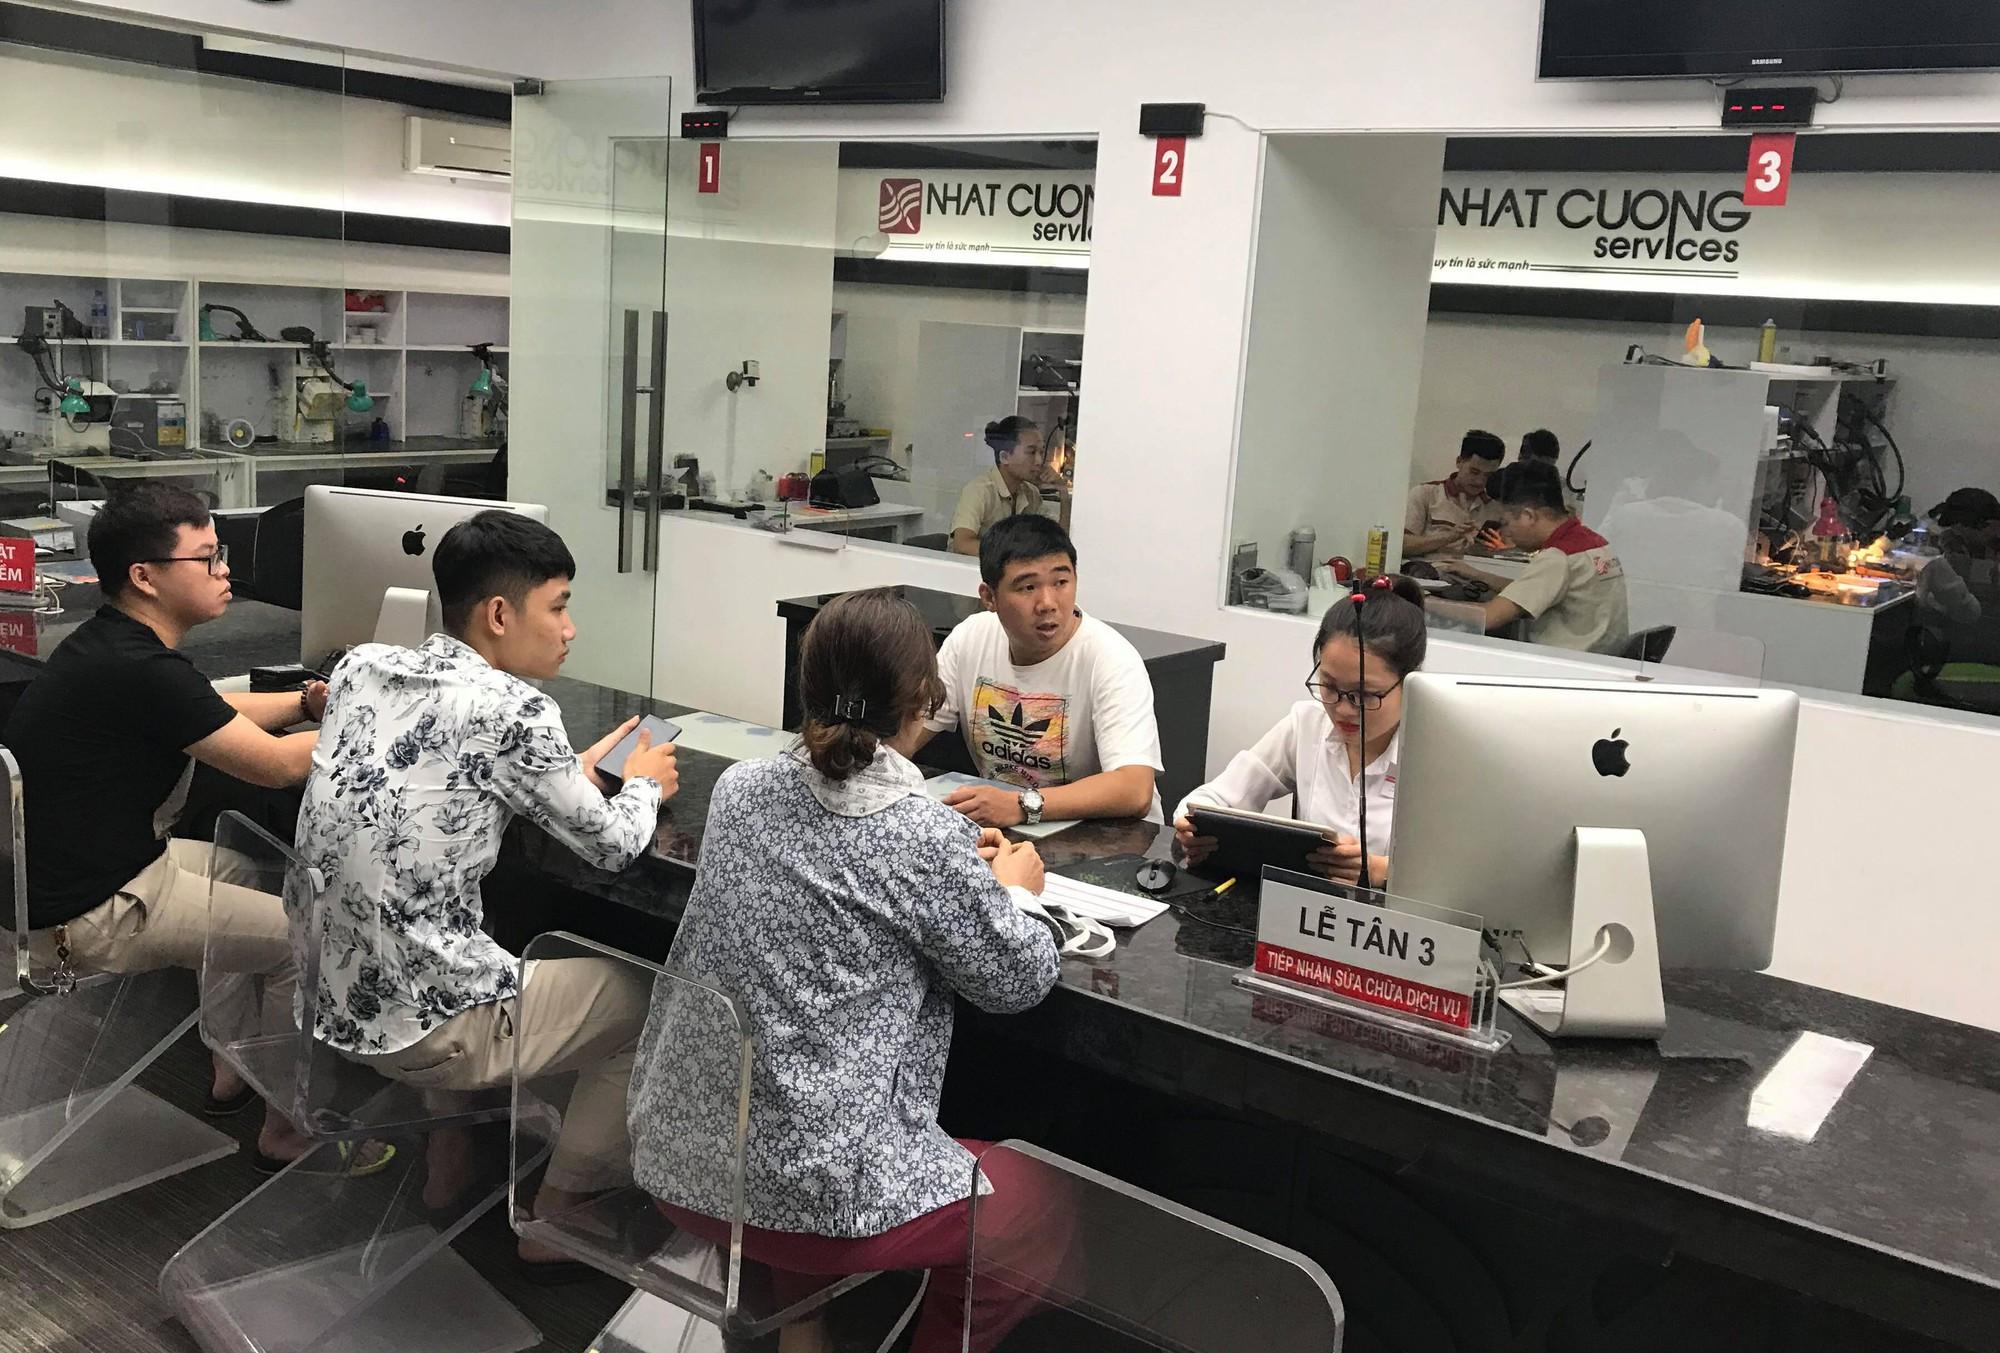 Trung tâm bảo hành Nhật Cường Mobile vẫn đón khách sau khi ông chủ bị khởi tố - Ảnh 5.